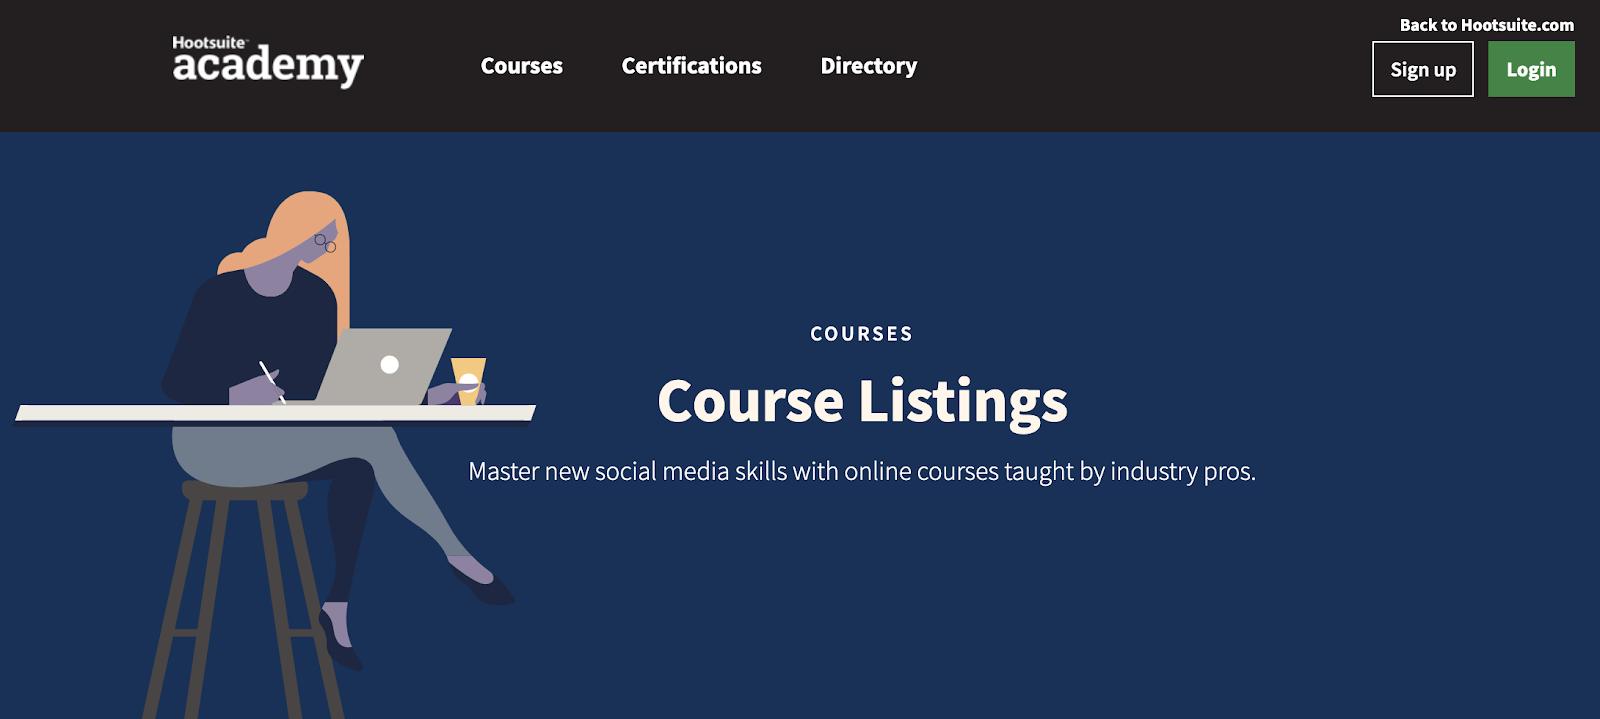 Hootsuite Social Media Marketing Certification